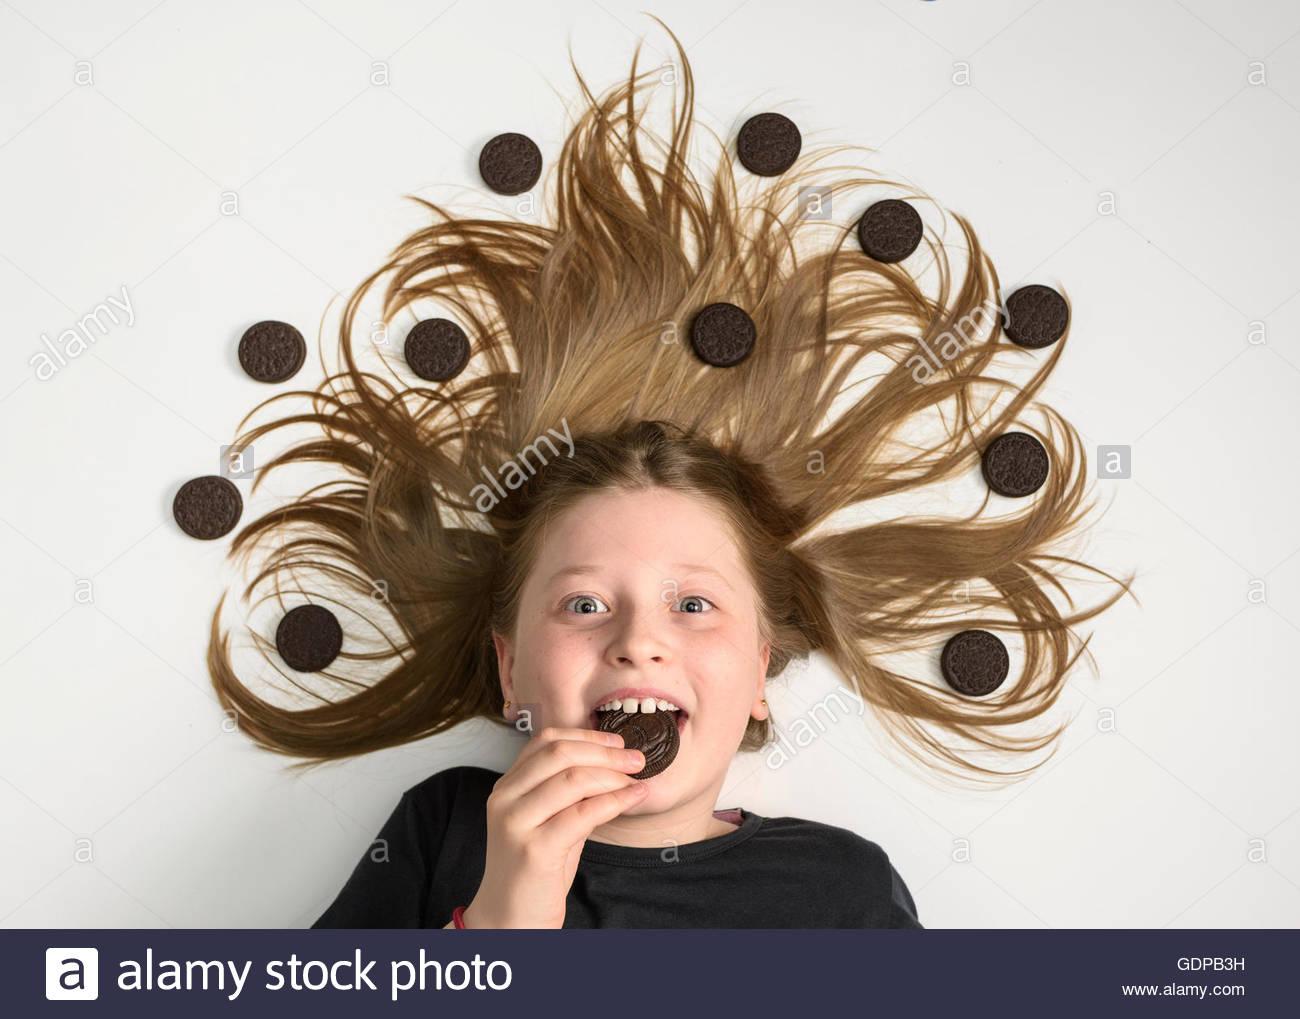 Retrato de chica con cabello largo rizado acostado sobre la espalda de comer chocolate cookie Imagen De Stock